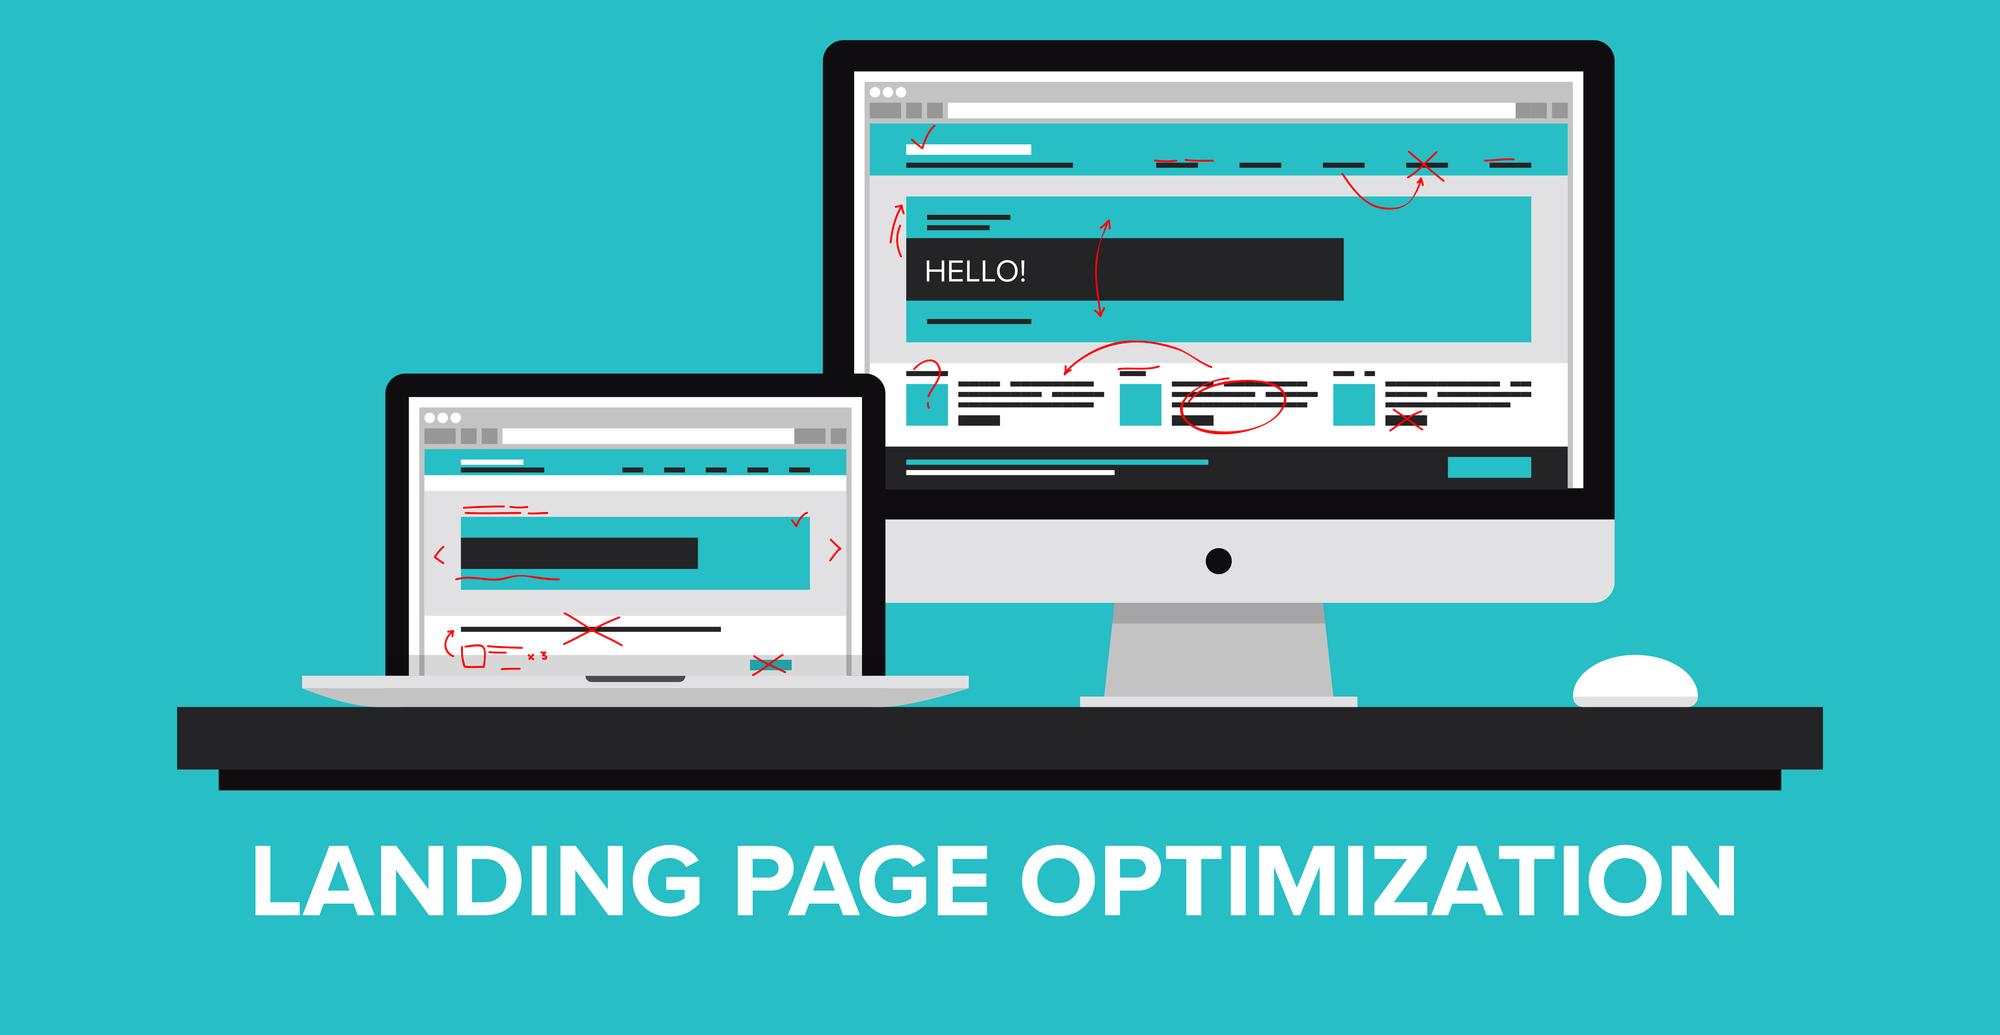 Xây dựng Landing Page - Tối ưu hóa trang đích gia tăng doanh số